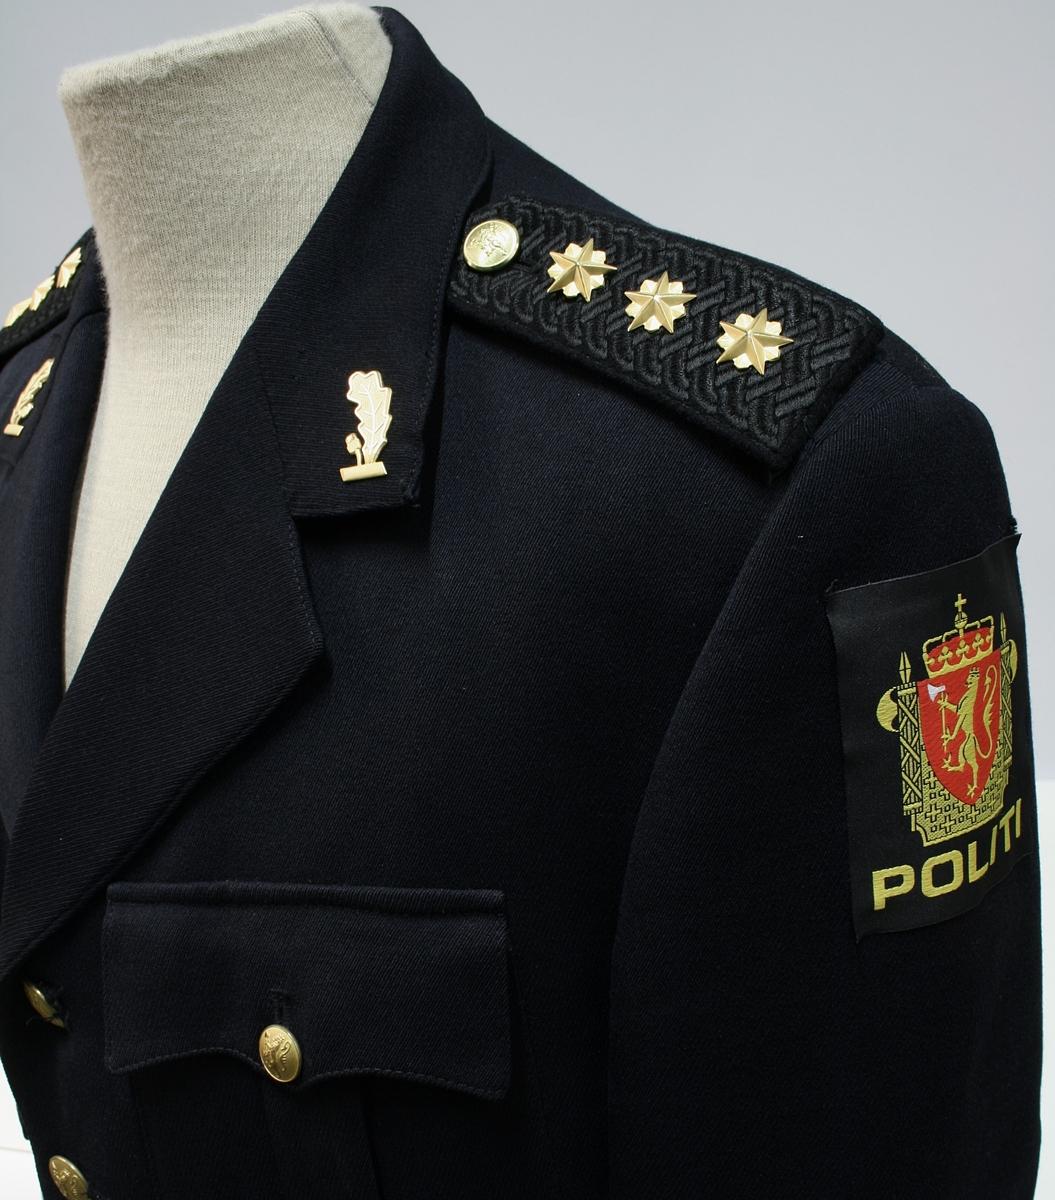 Enkeltkneppet jakke med fire riksløveknapper, fire ytterlommer, ekeblad av metall på kragespeil, skulderklaffer med tre stjerner, split og to knapper bak, og politimerke på ermet.